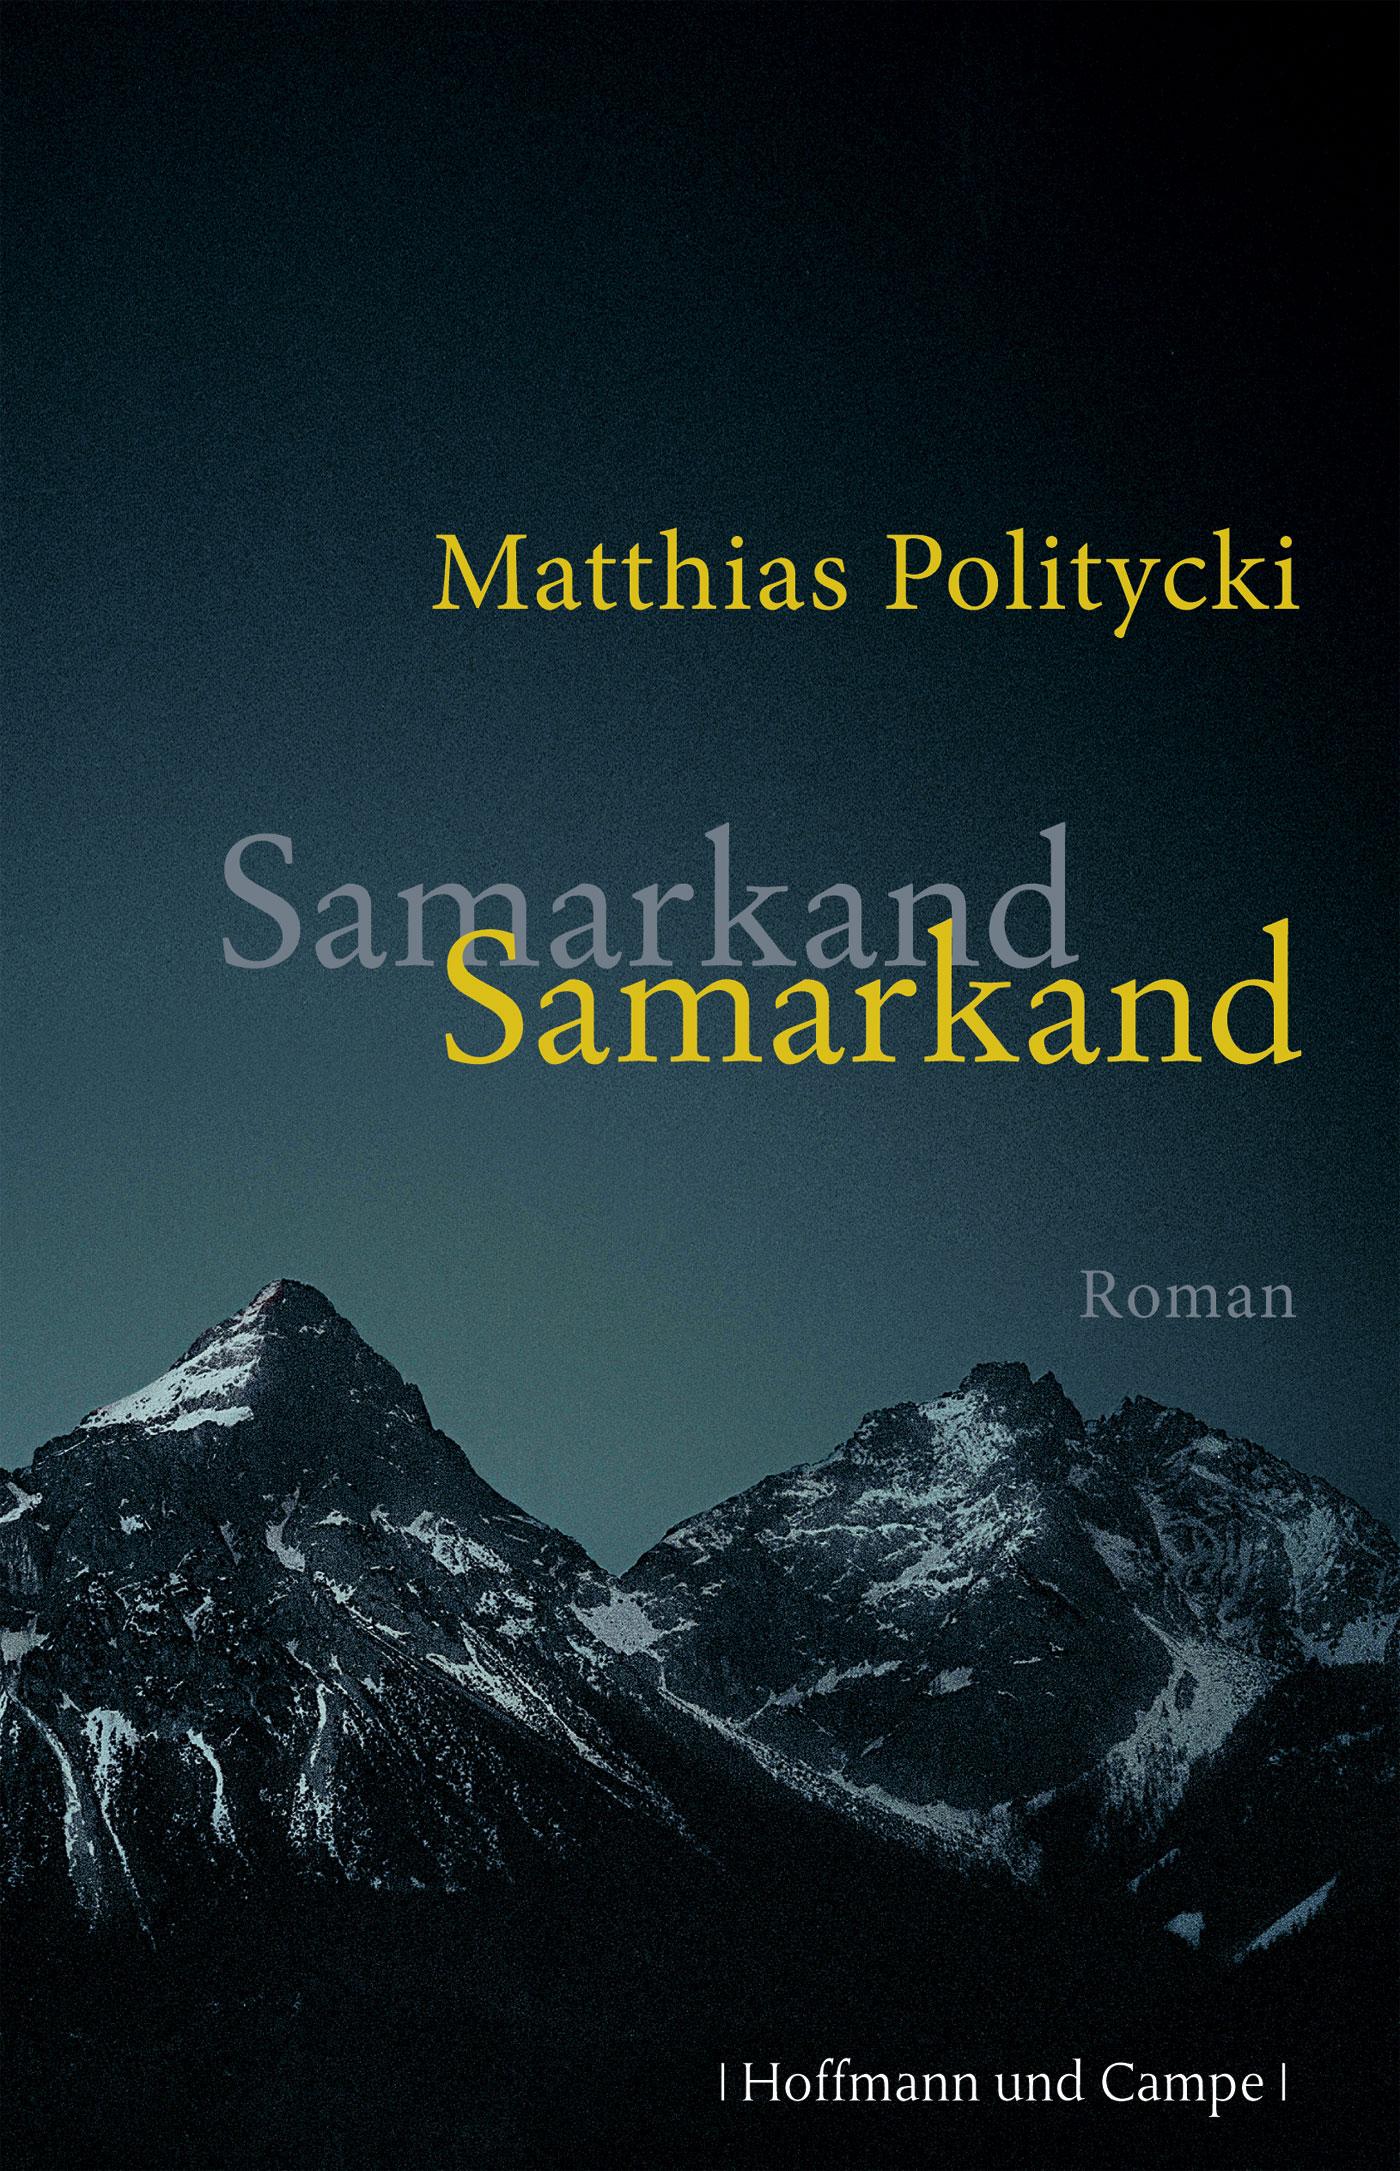 Samarkand Samarkand - Matthias Politycki